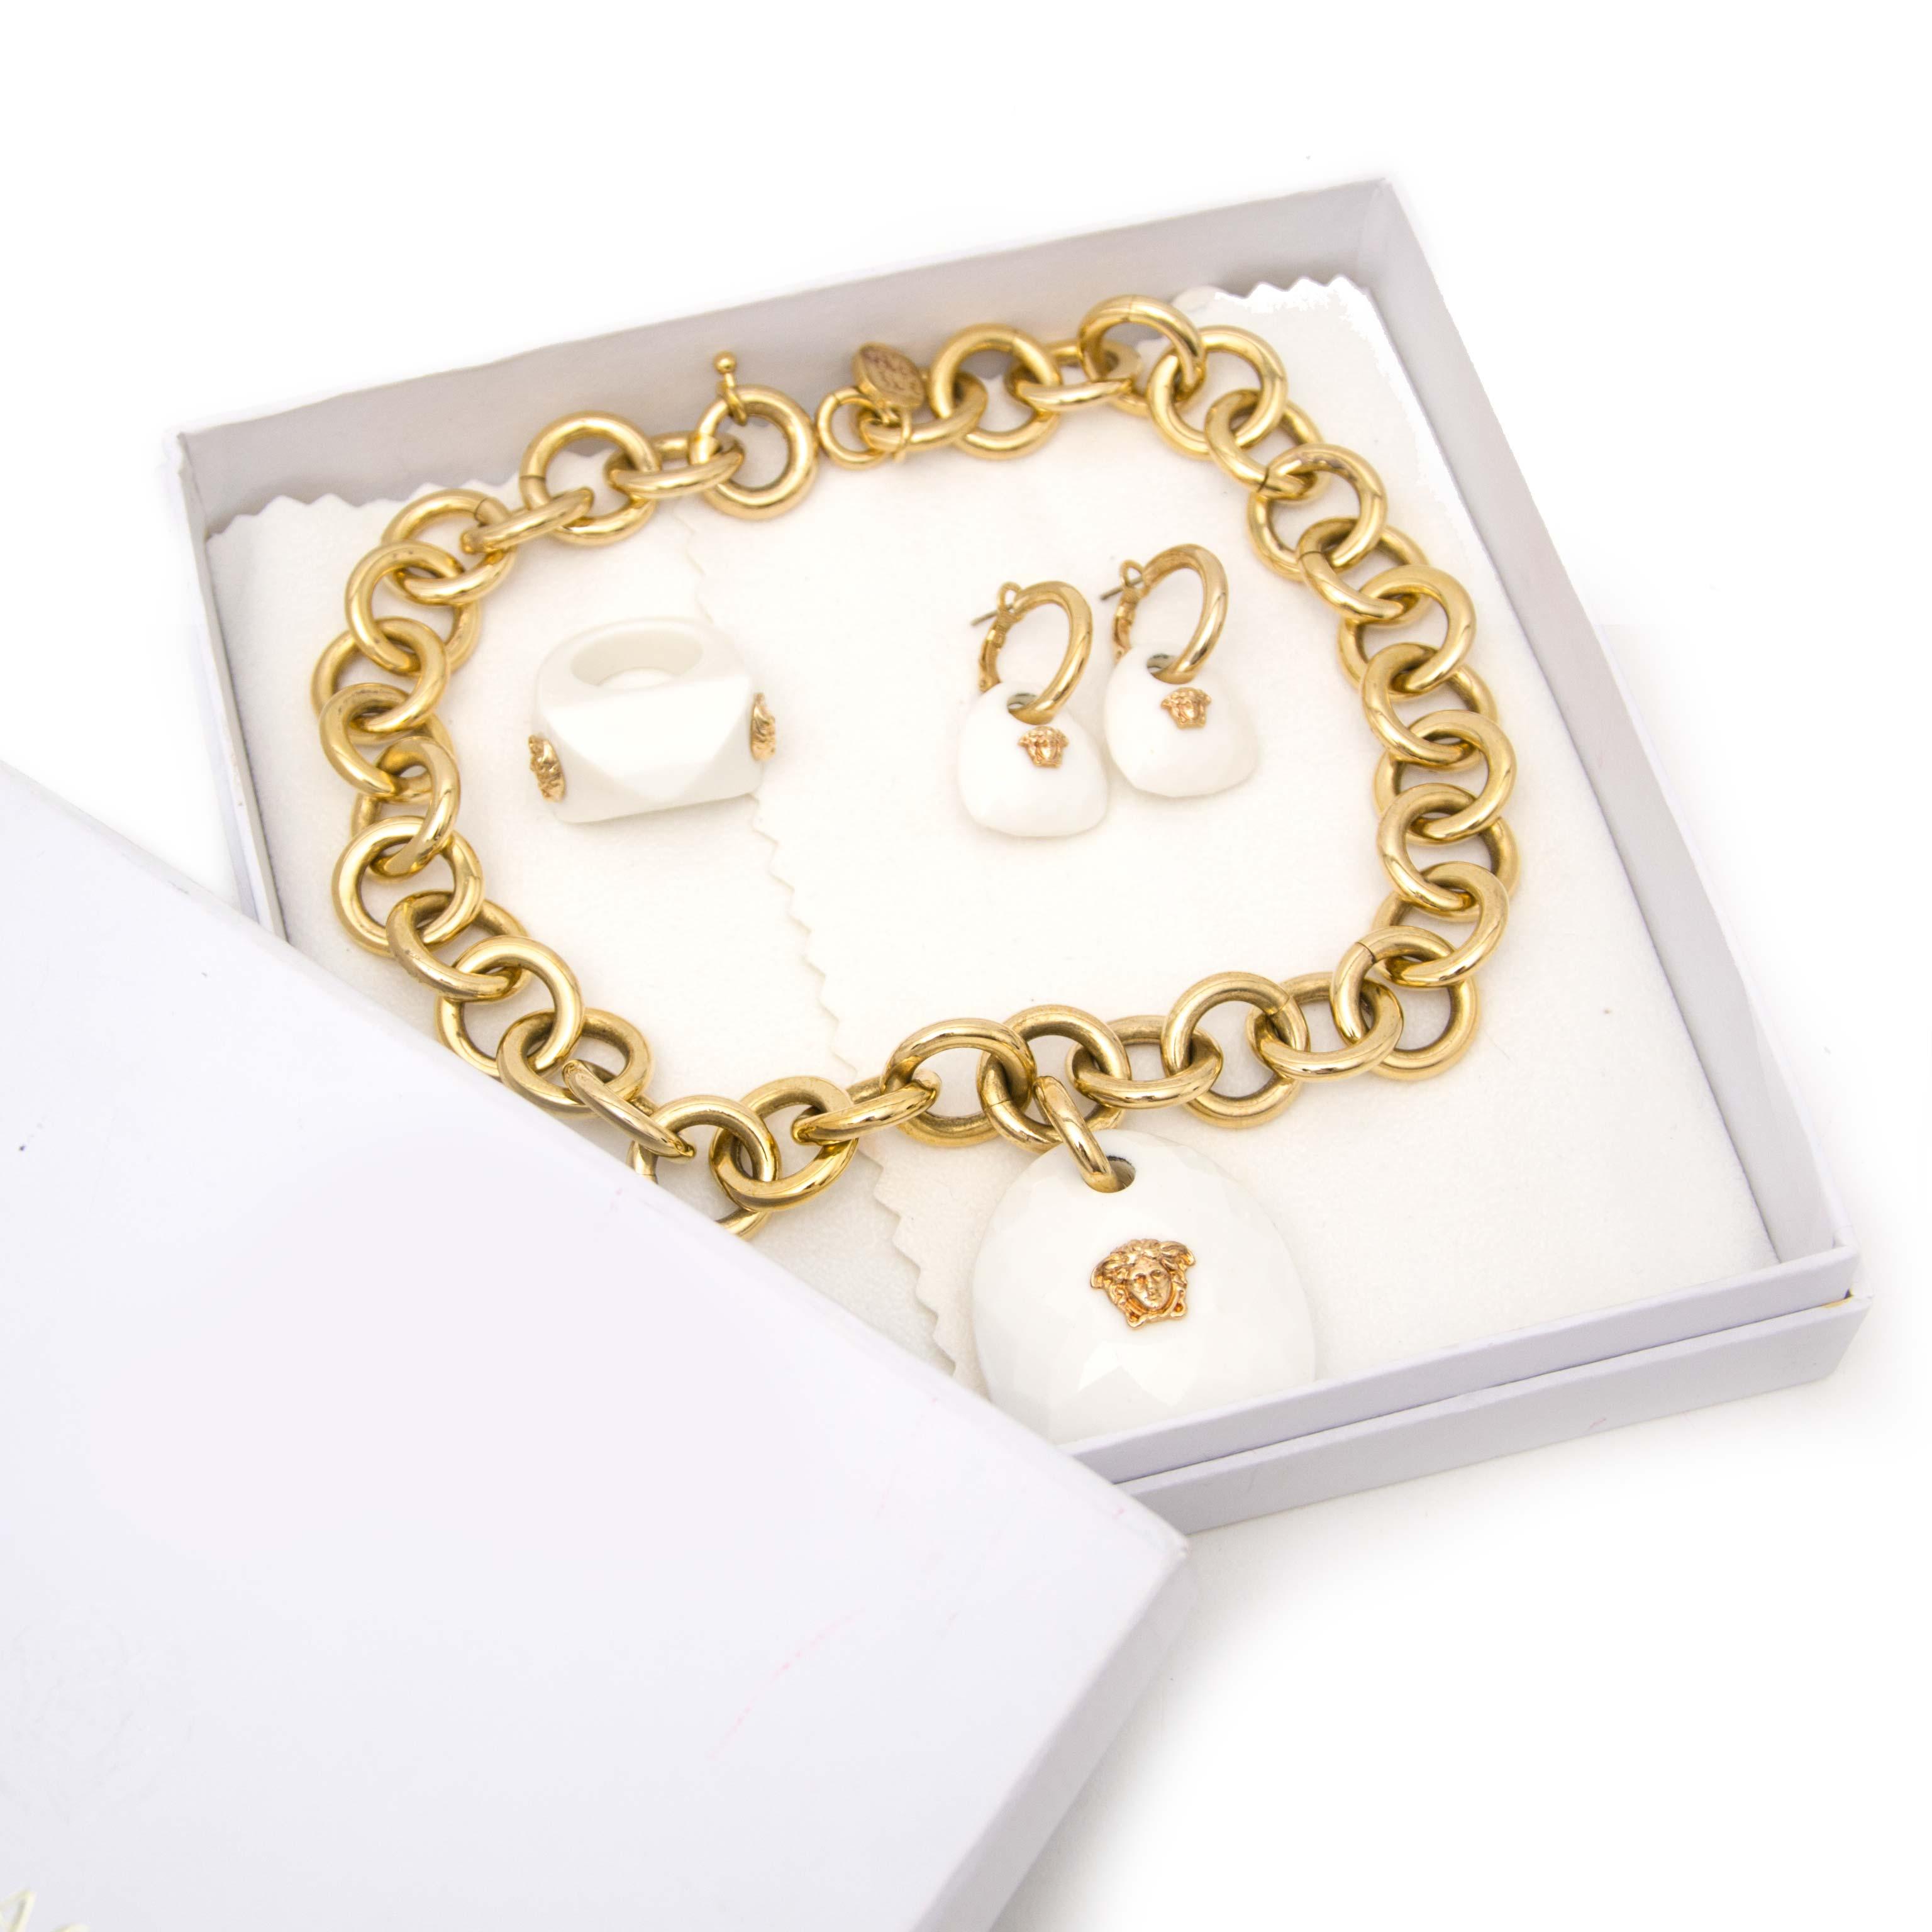 Authentieke tweedehands juwel Versace Labellov